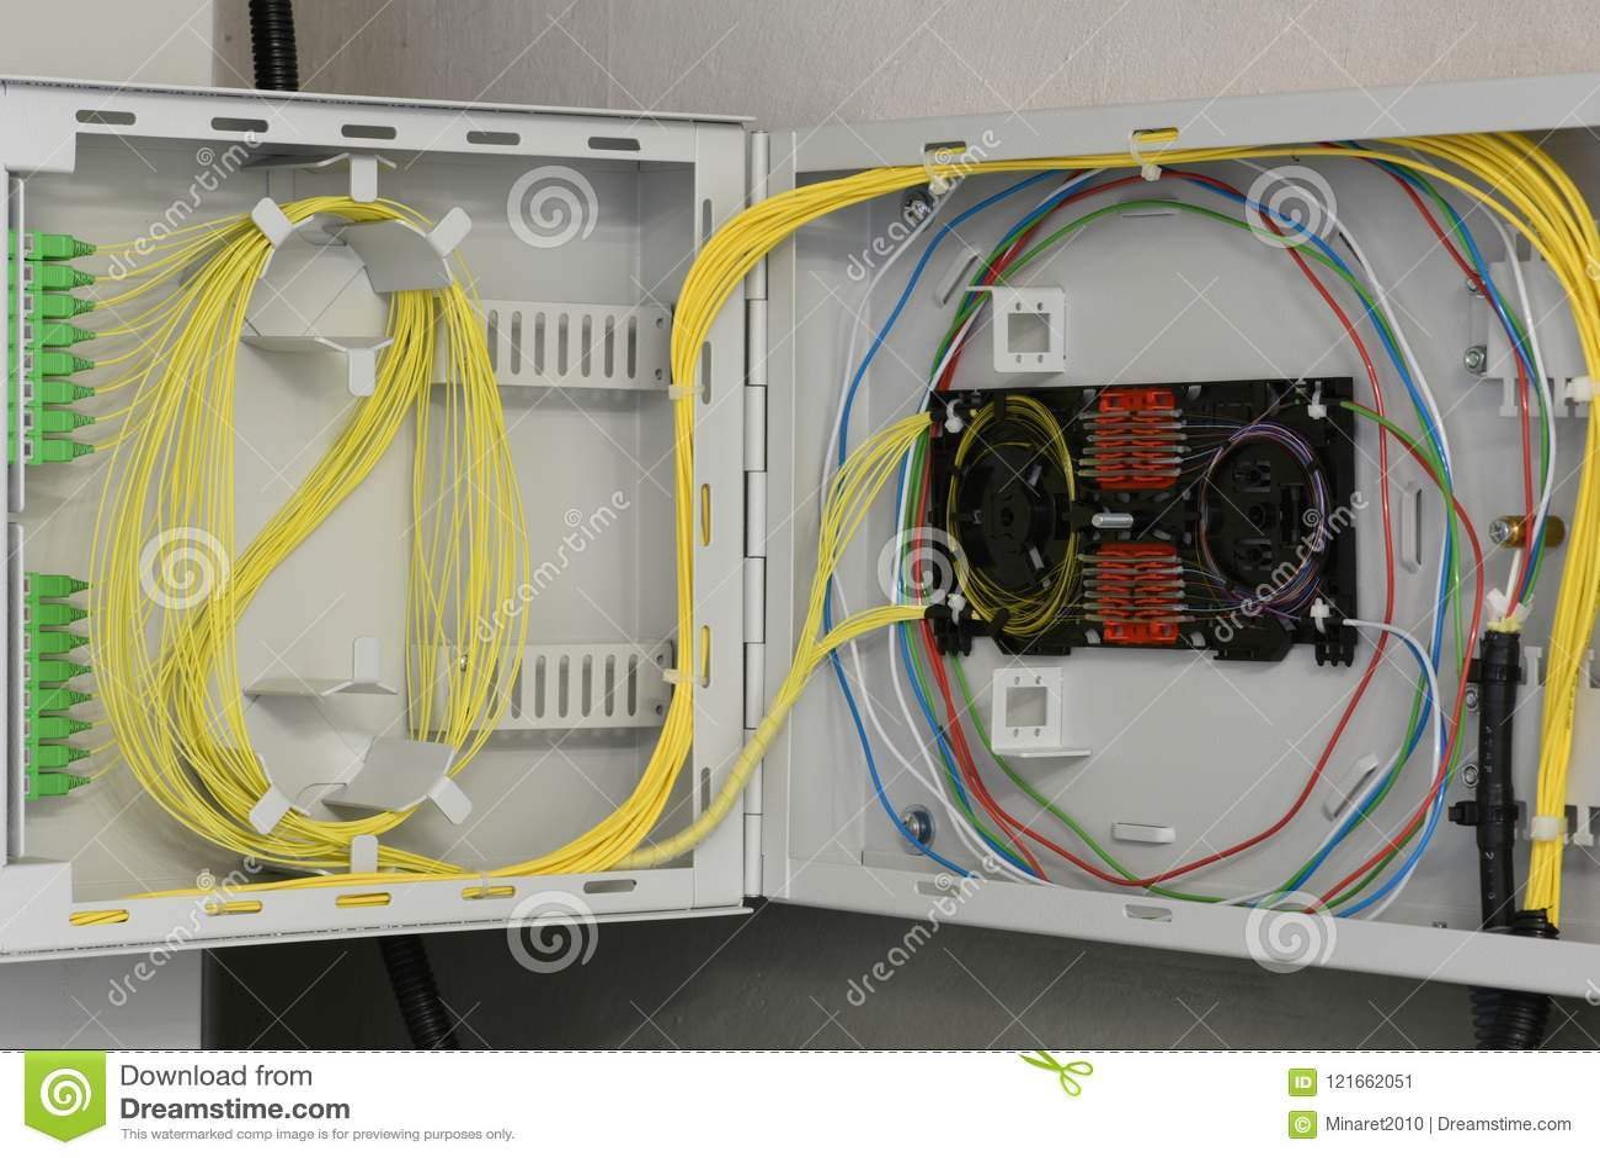 Quadro de distribuição de fibra ótica